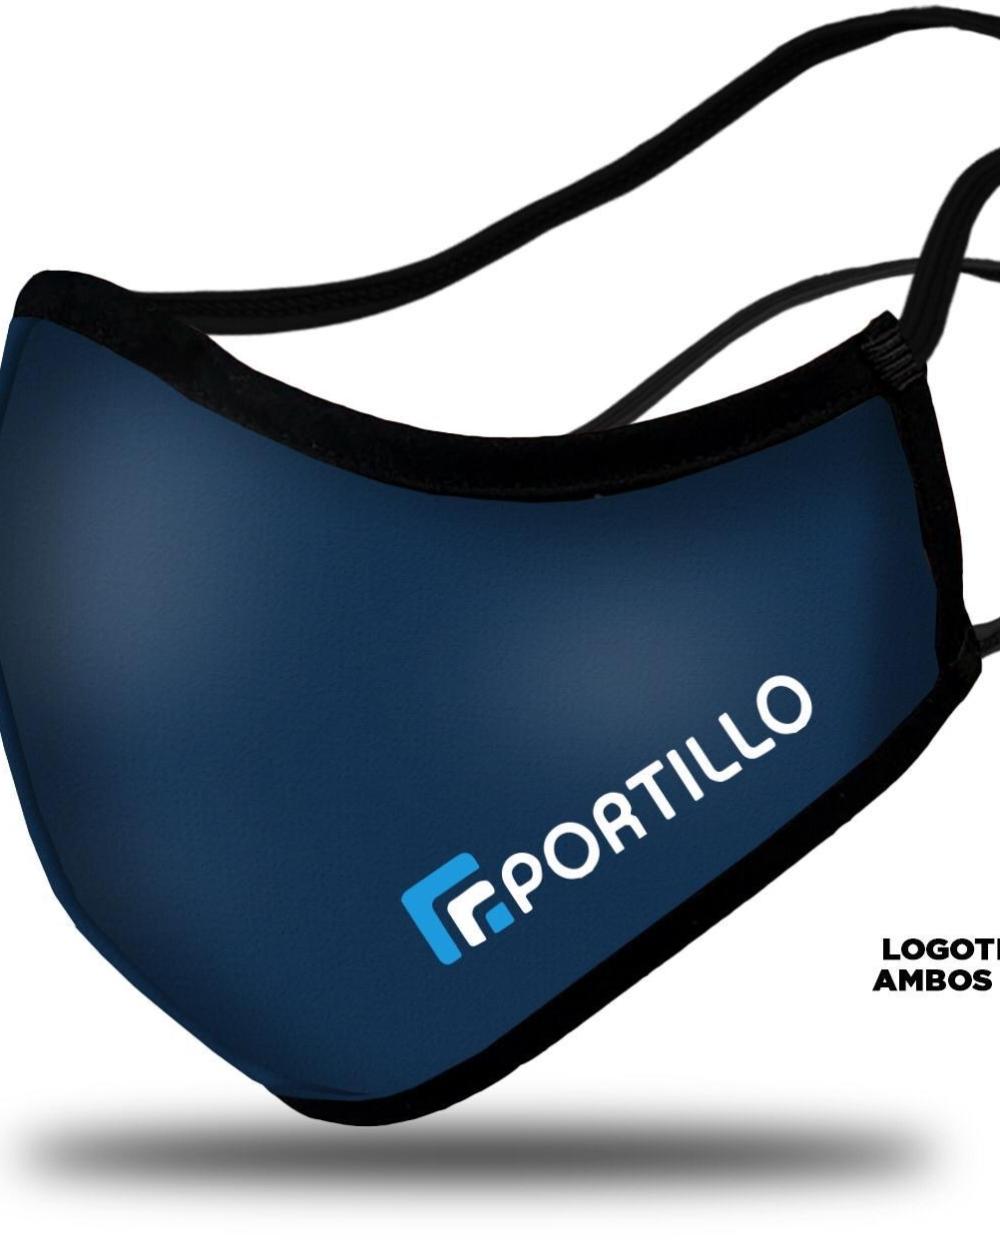 mascarillas personalizadas reutilizables con logo empresa